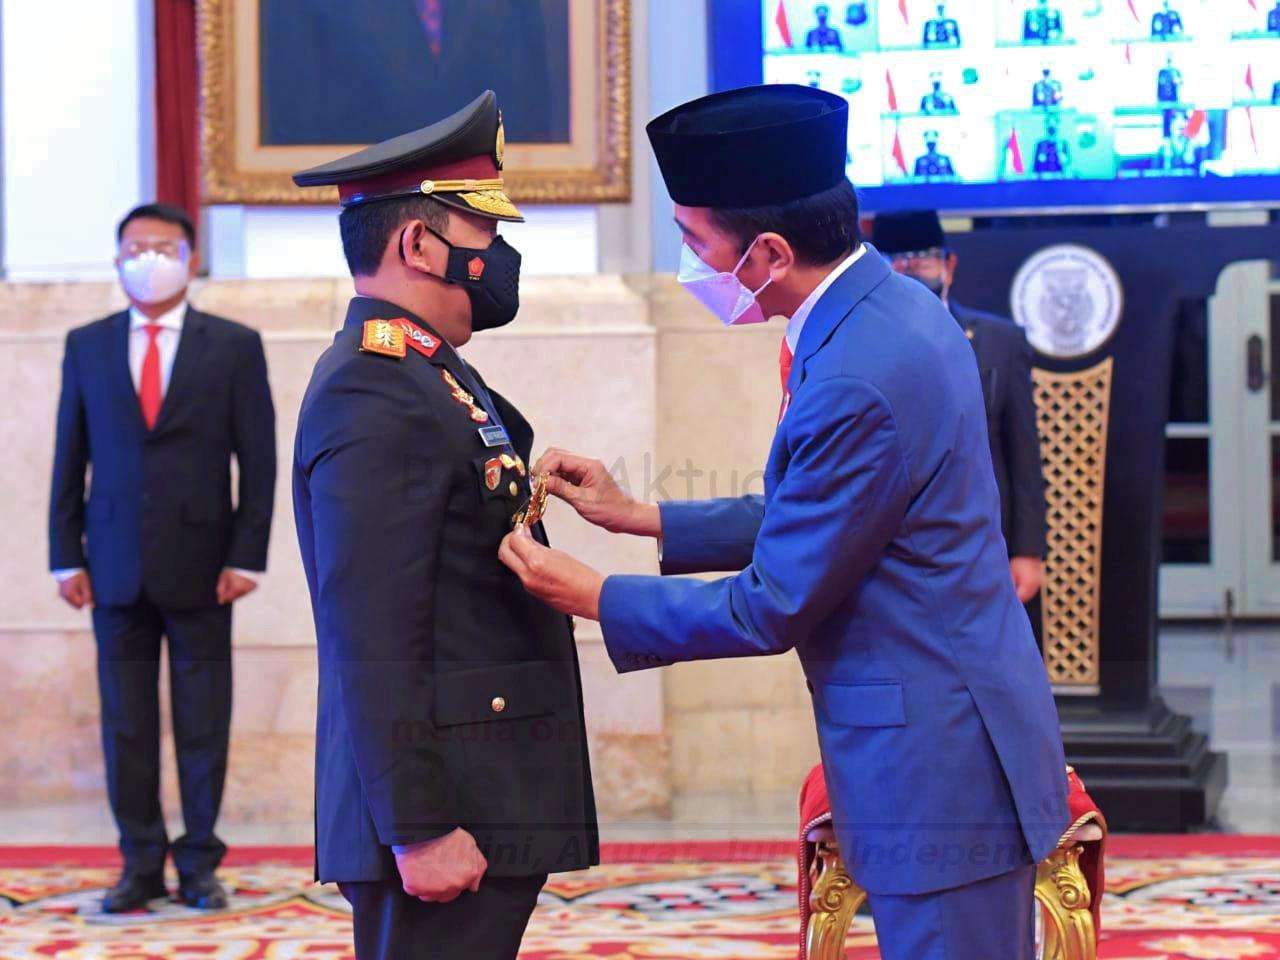 Jenderal Idham Azis Serahkan Panji Polri Tribrata Kepada Jenderal Listyo Sigit 17 IMG 20210127 173937 1